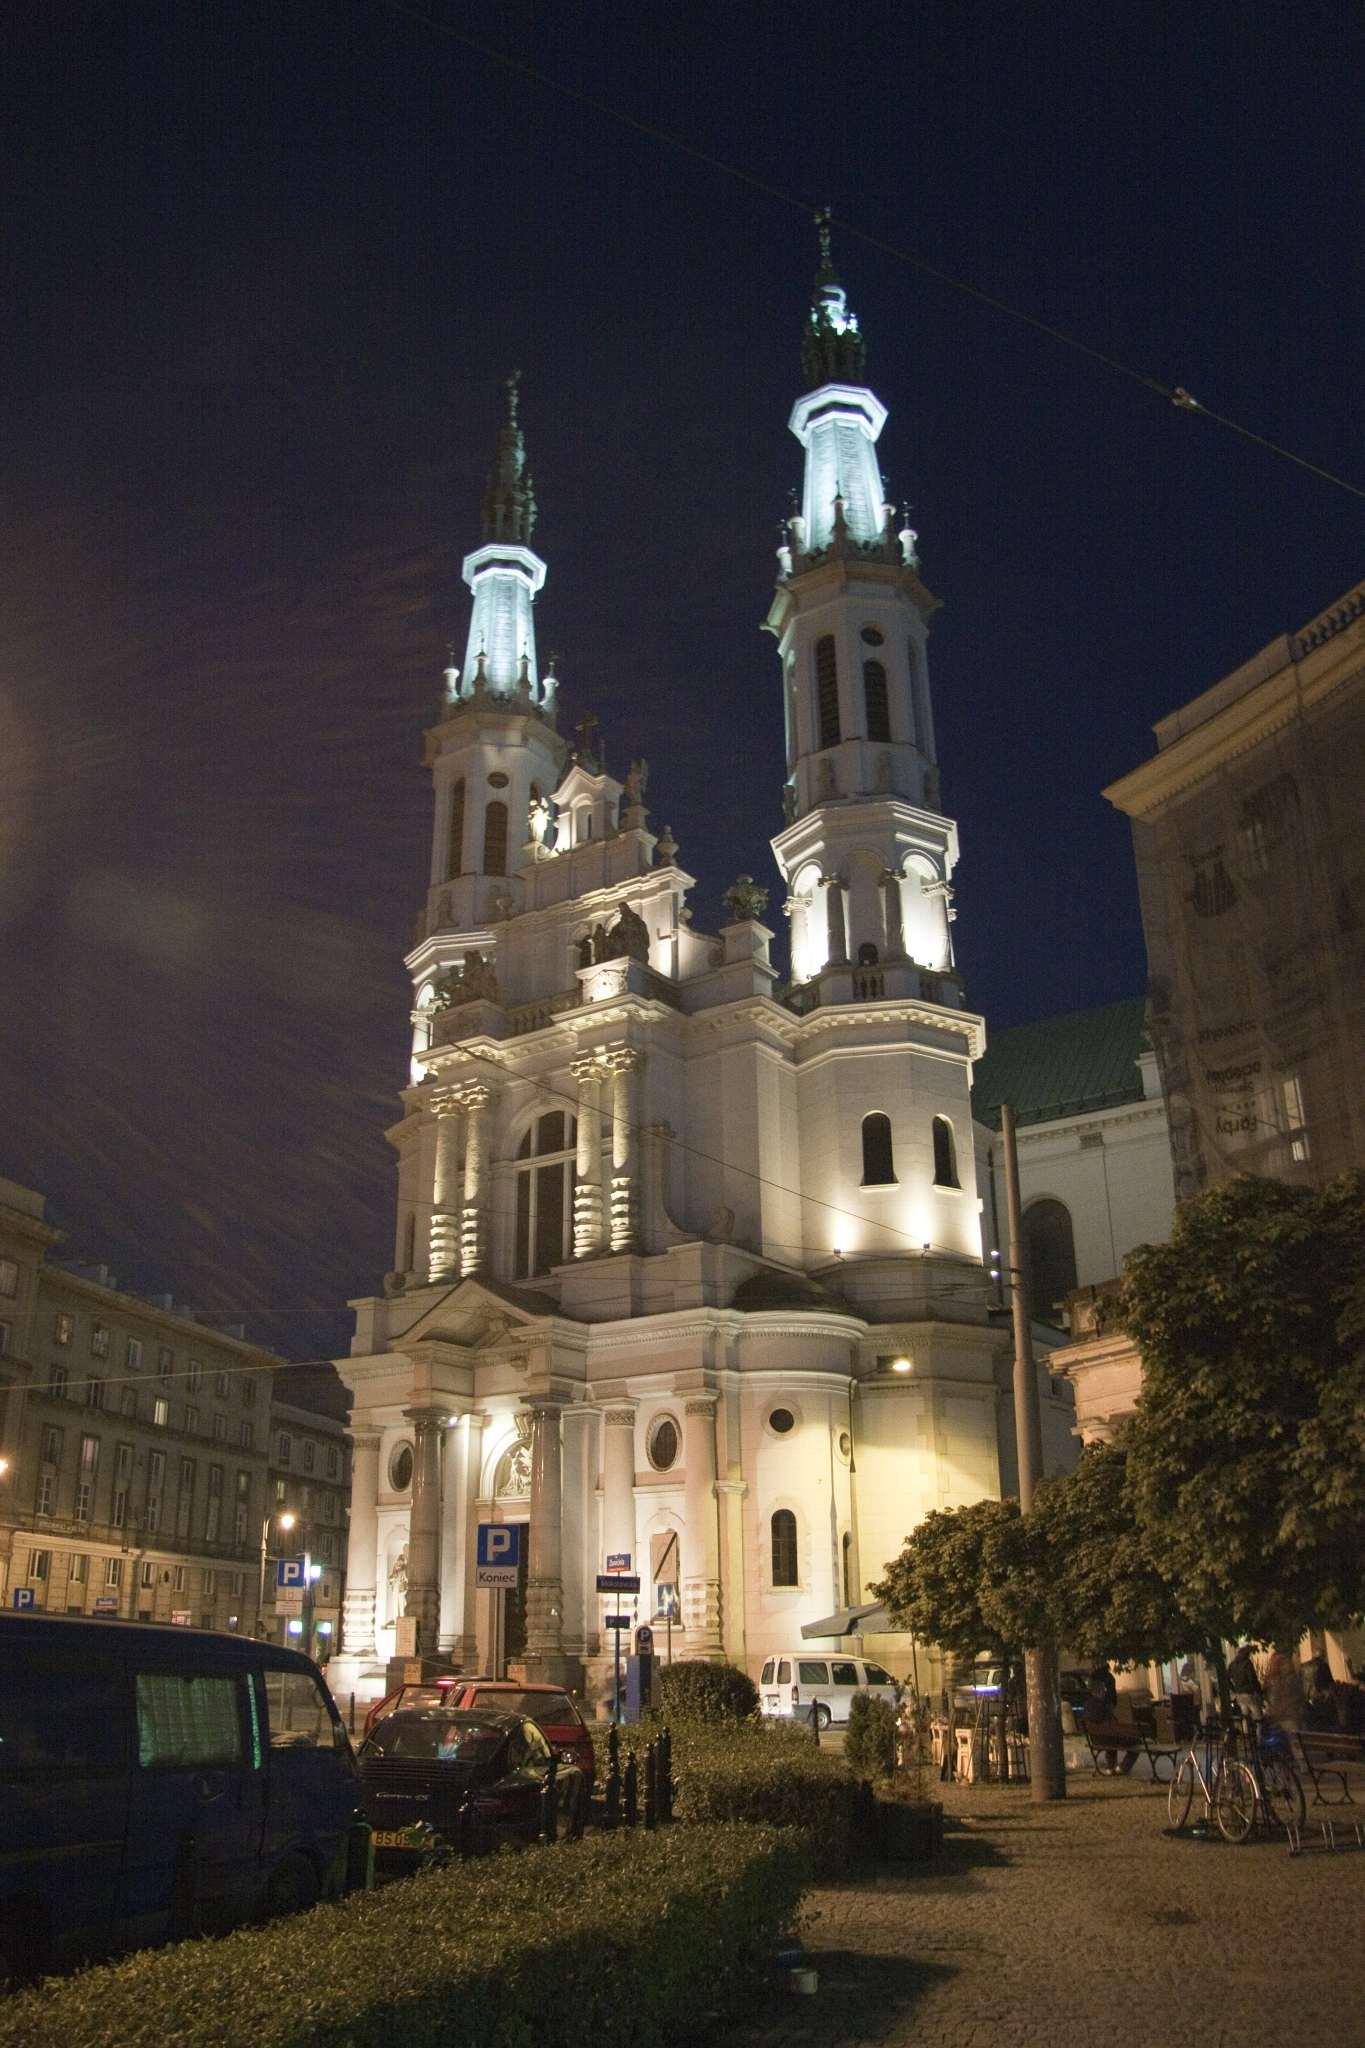 Shiny church